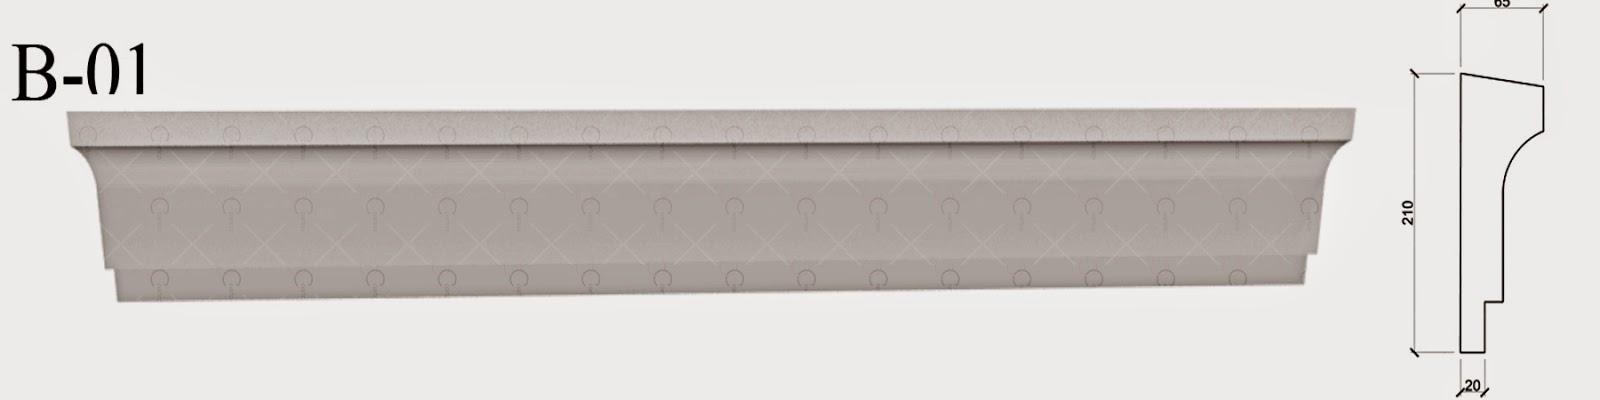 Brau Decorativ din Polistiren pentru Fatade Case producator profile decorative personalizate